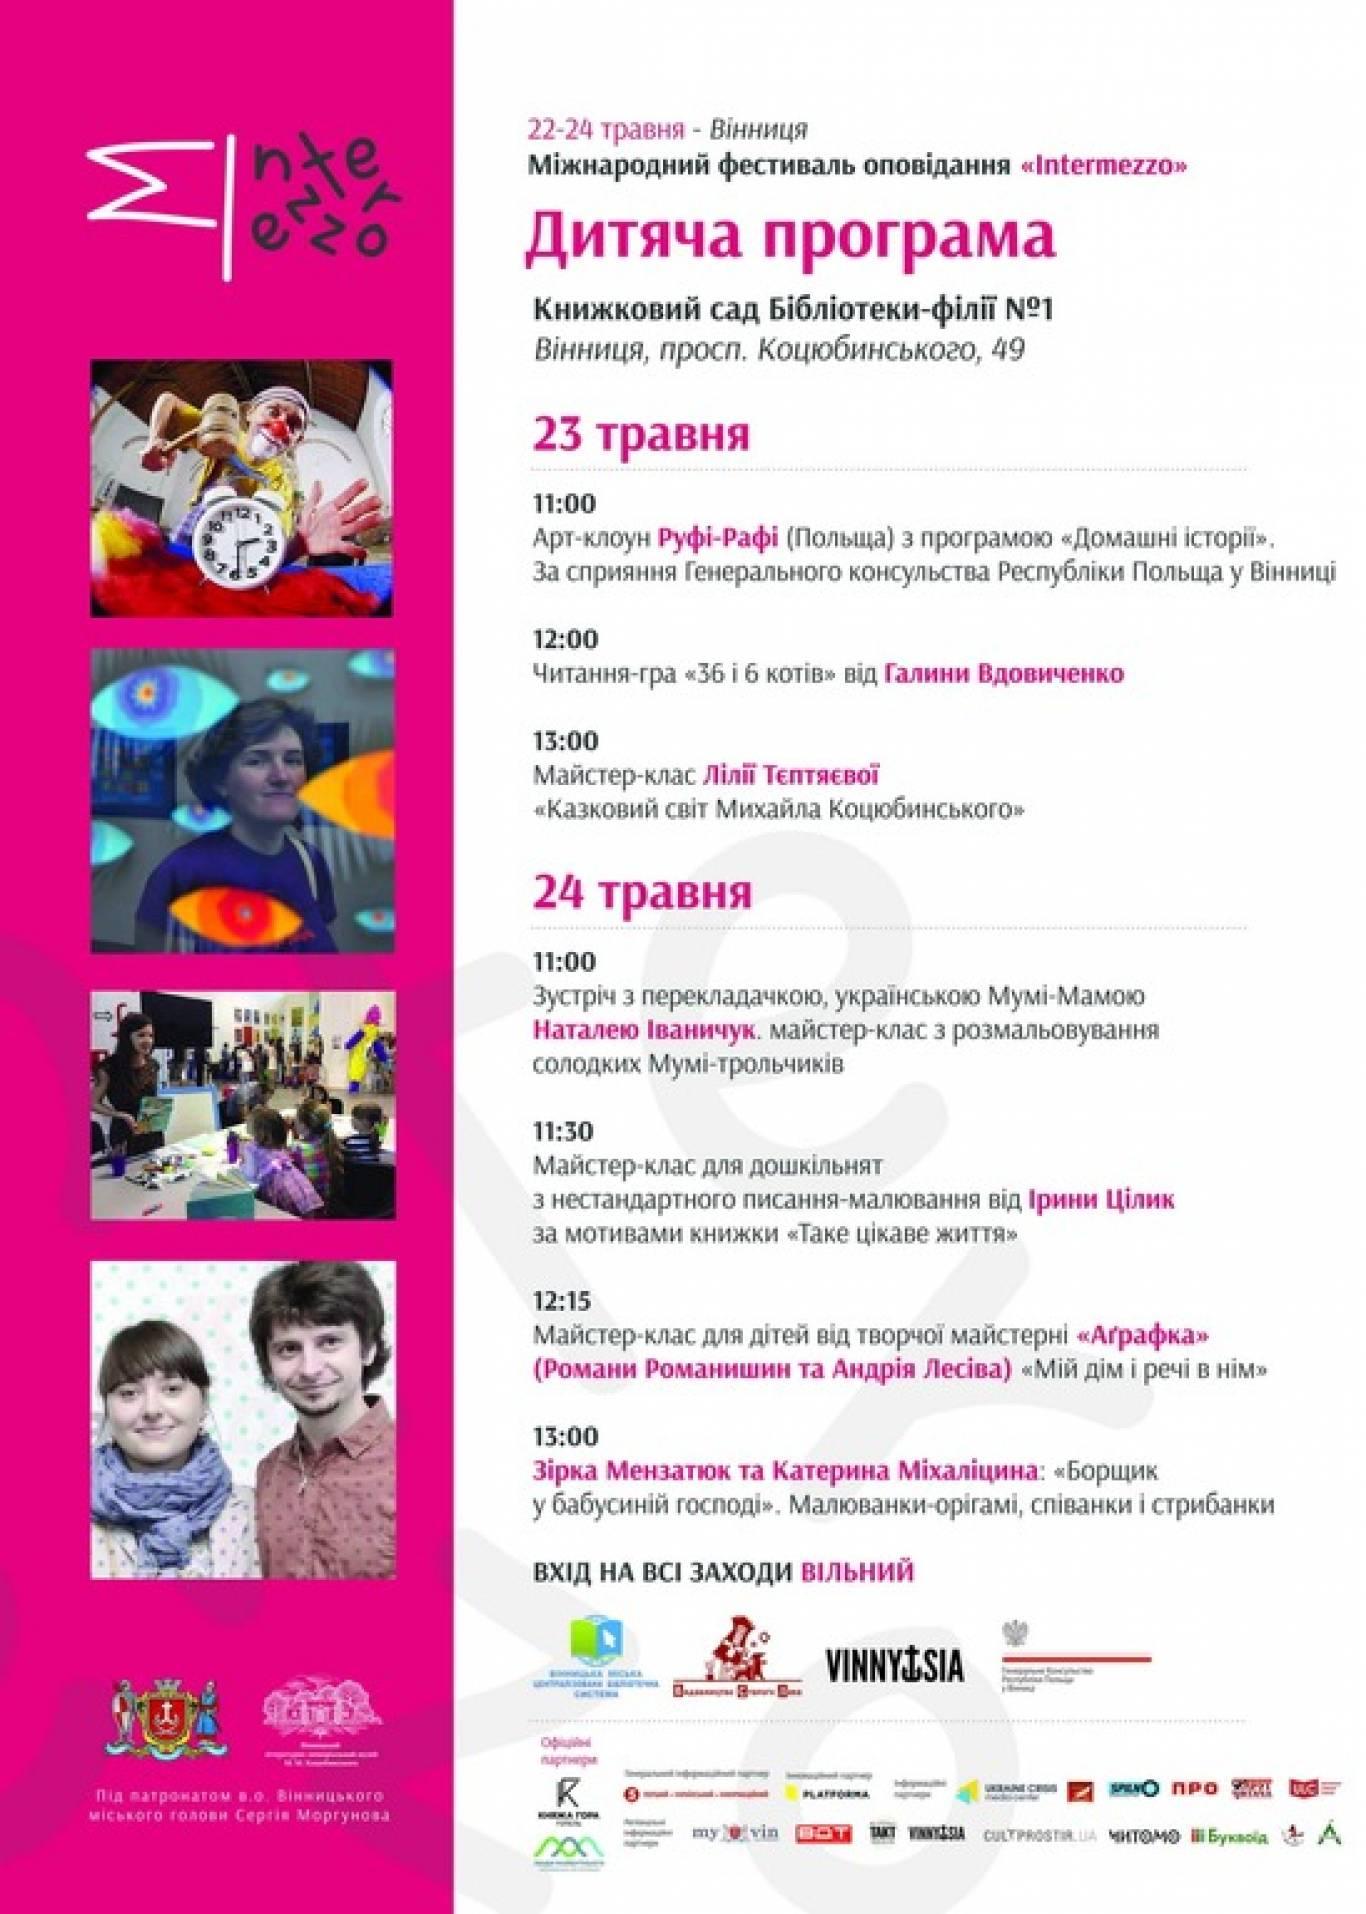 Дитяча програма Міжнародного фестивалю «Intermezzo»